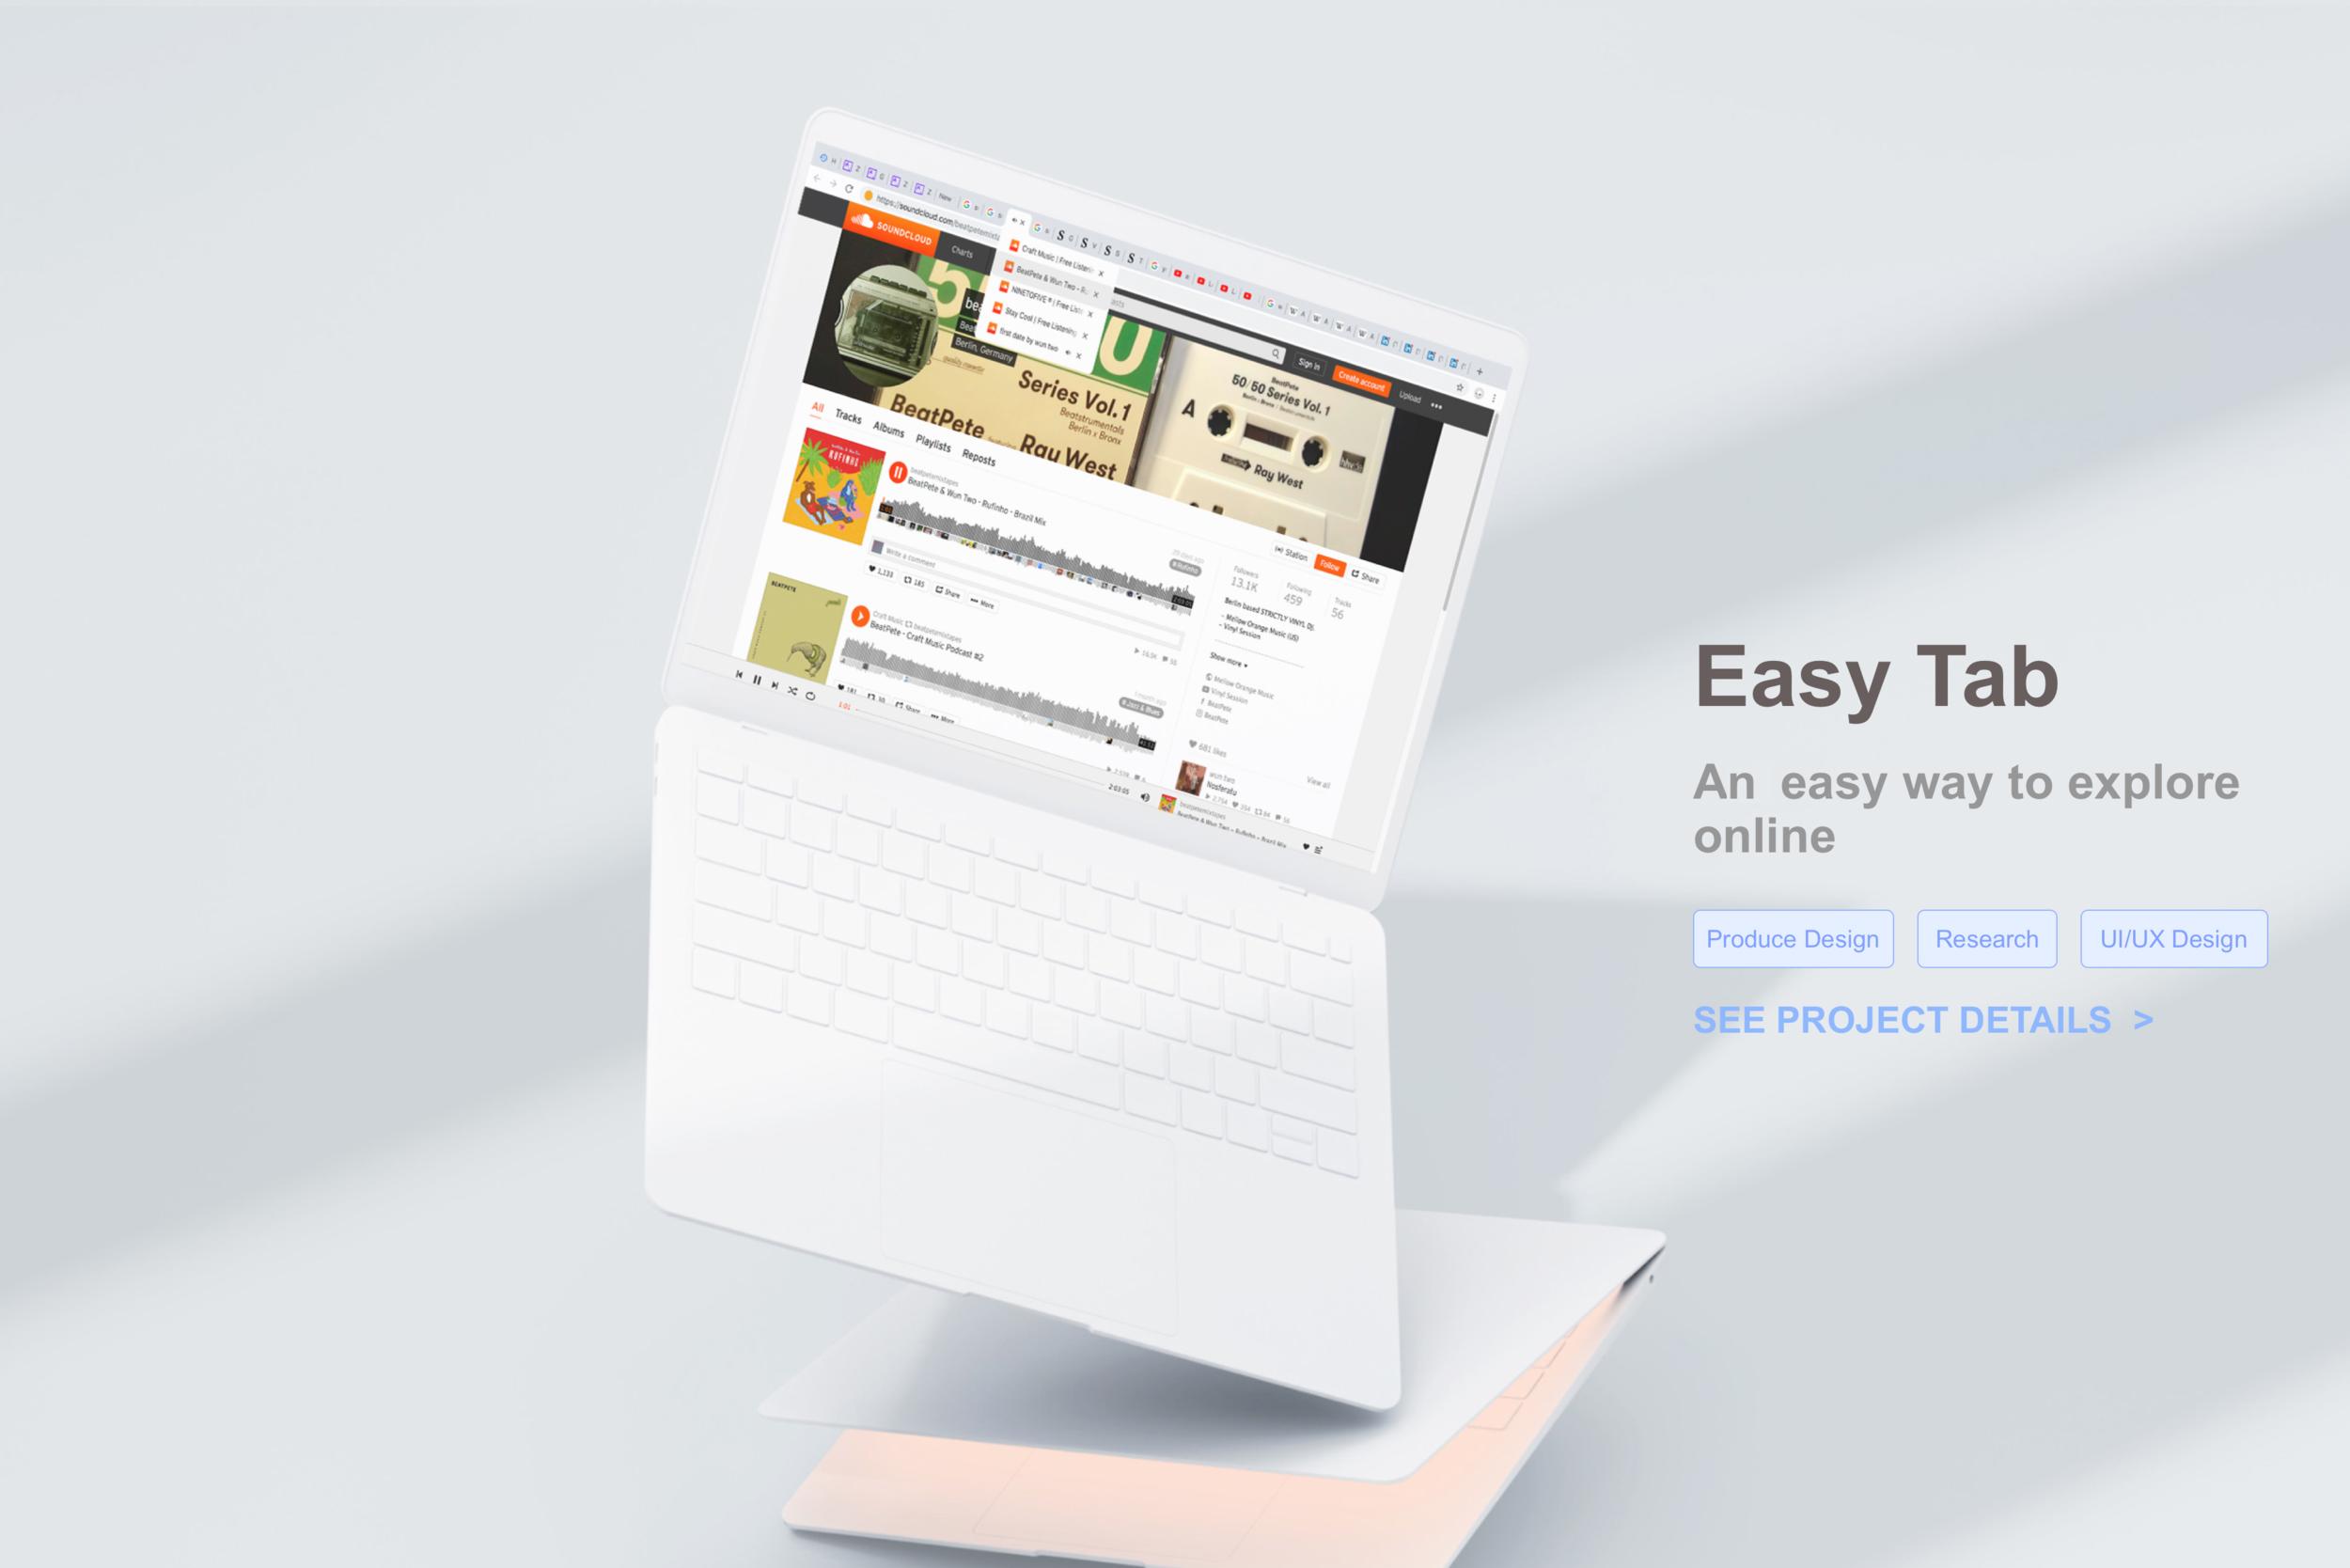 easytab-1.jpg